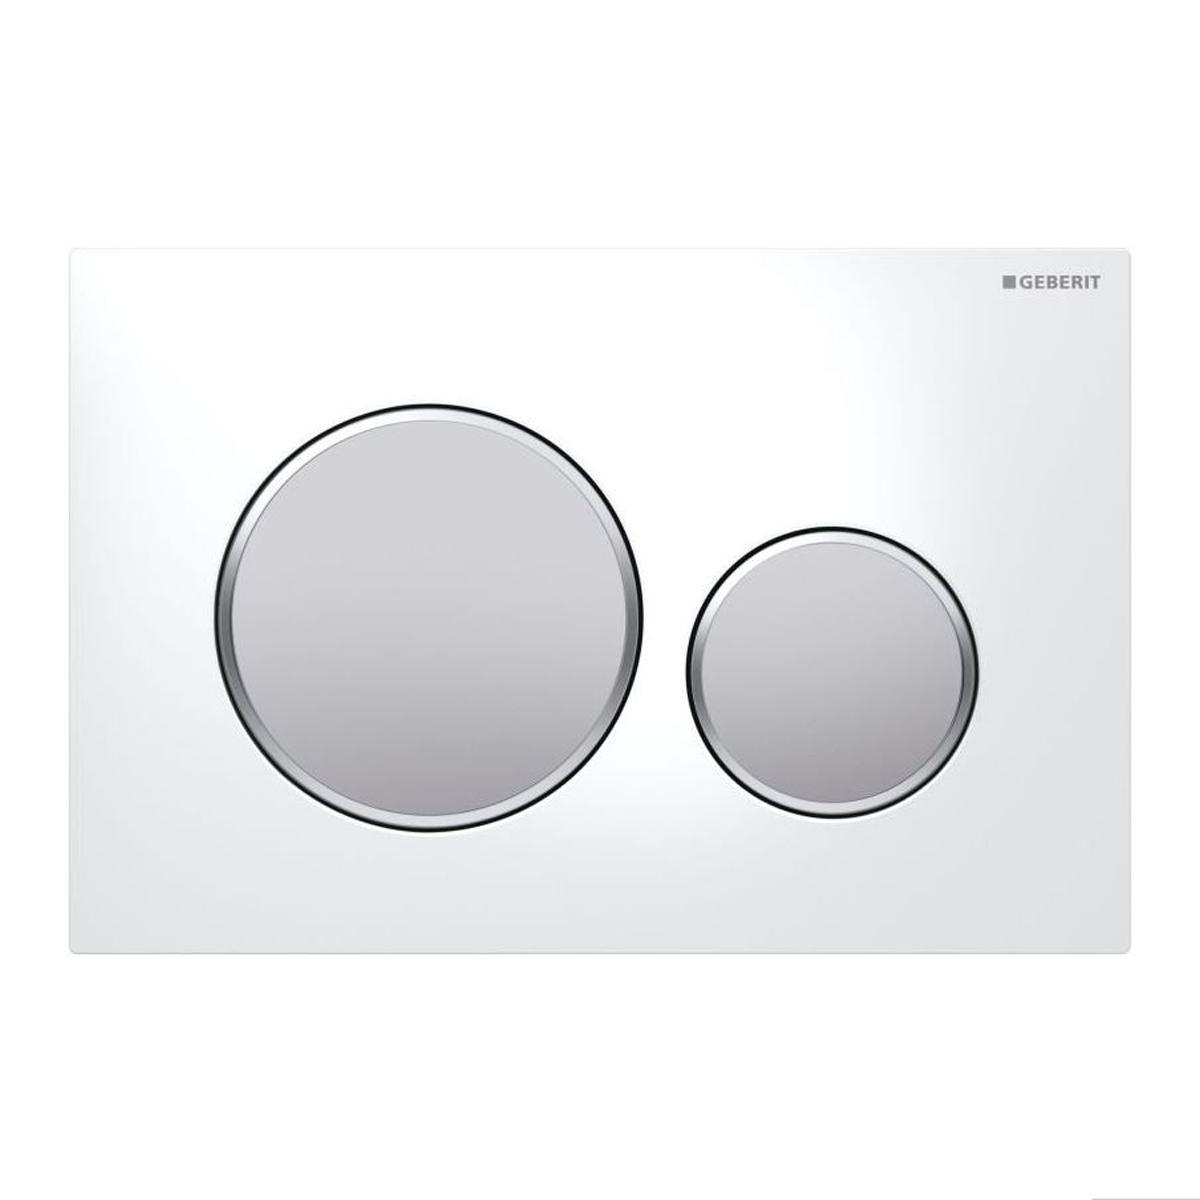 bedieningspaneel geberit sigma 20 badkamer id vught. Black Bedroom Furniture Sets. Home Design Ideas